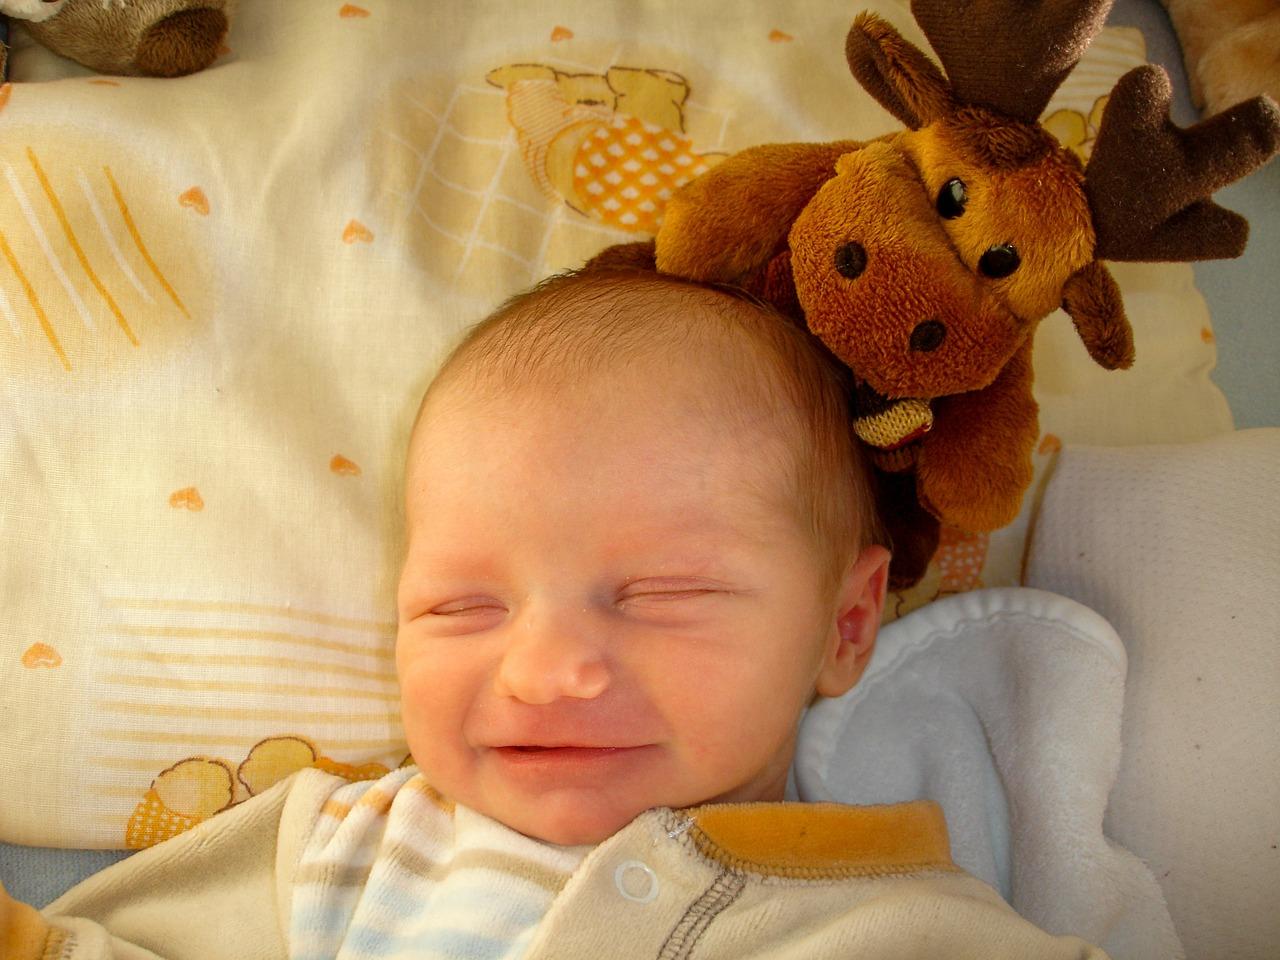 il mondo del bambino baby chair recaning chairs houston immagini divertenti neonati